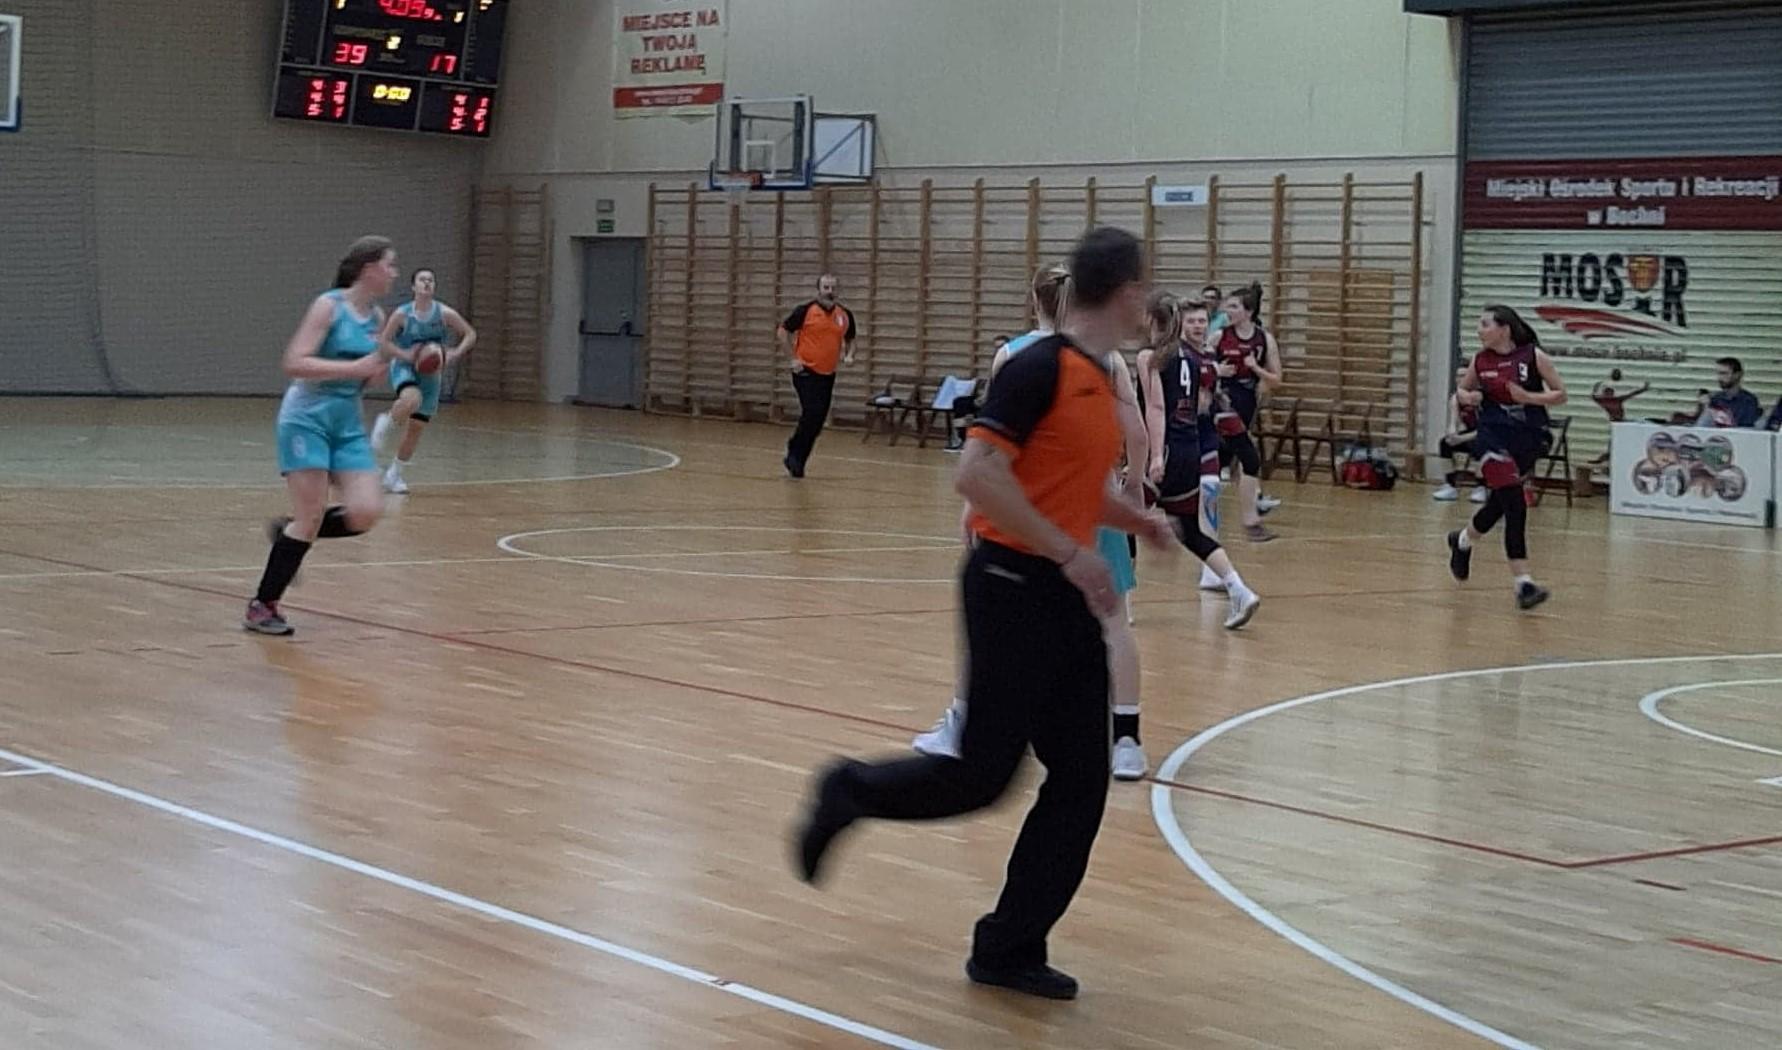 mecz 2 ligi koszykówki kobiet 25.04.2021